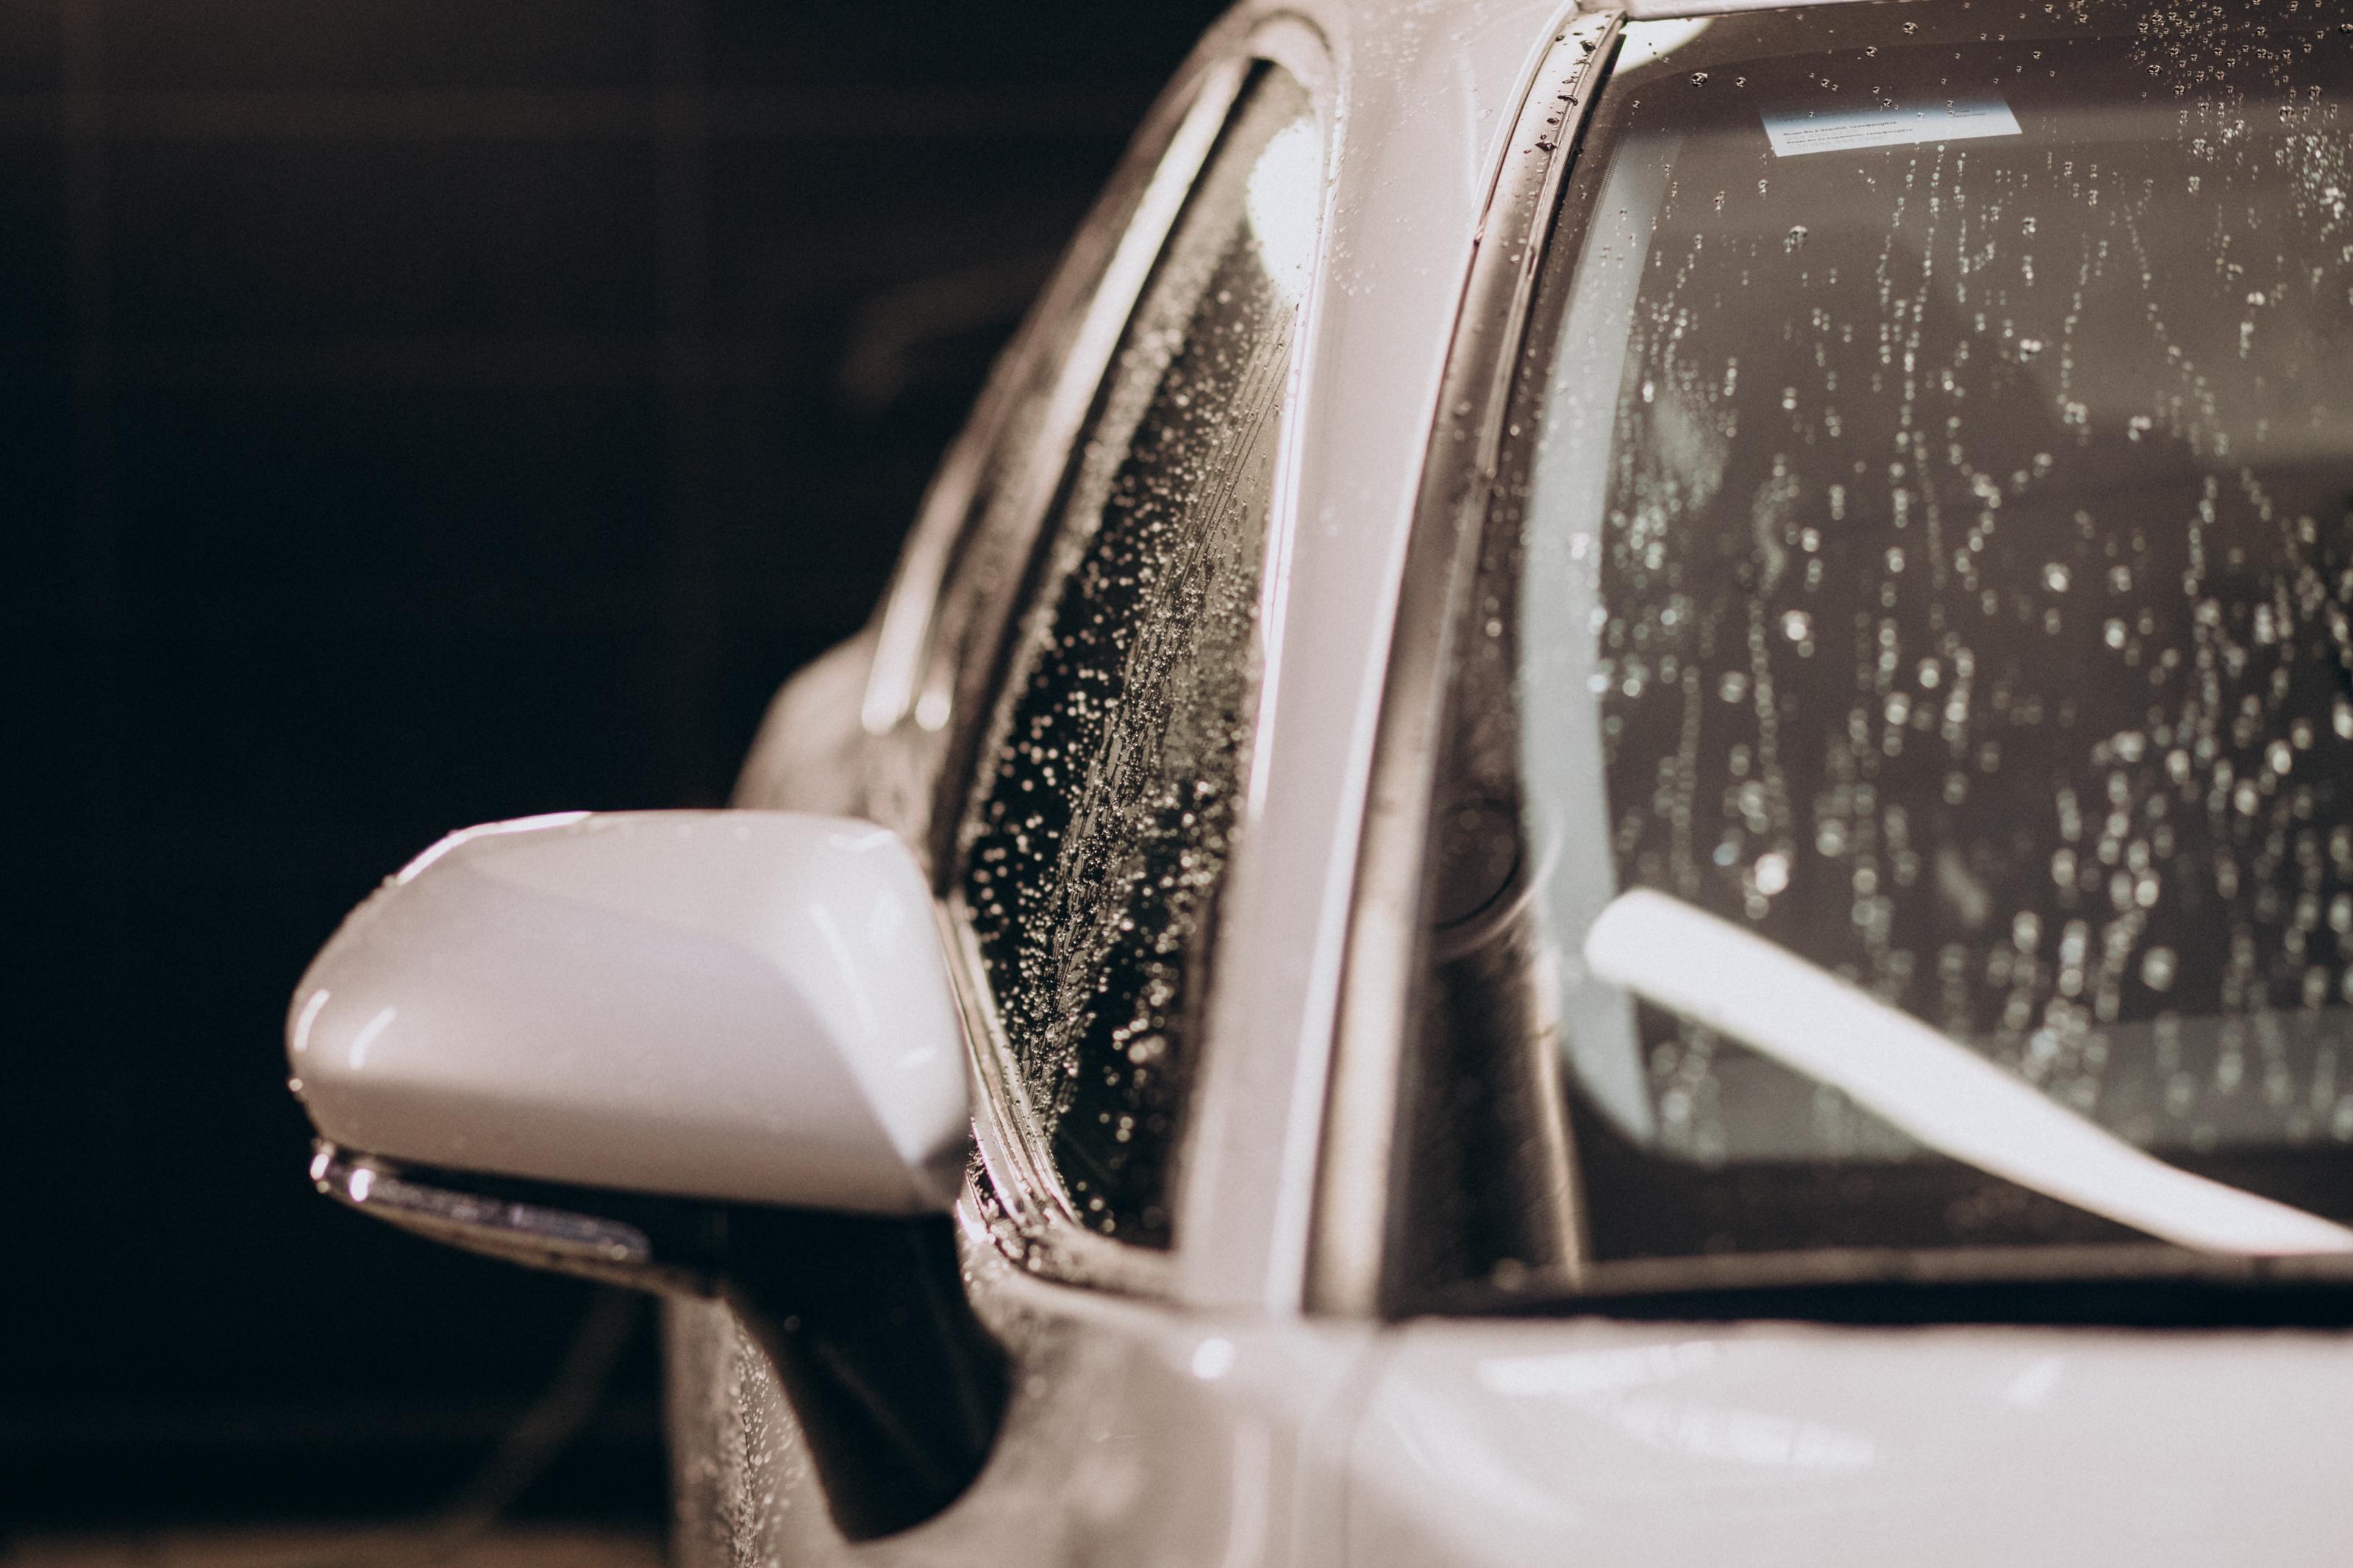 Czyszczenie karoserii samochodowej jesienią - na co zwrócić uwagę